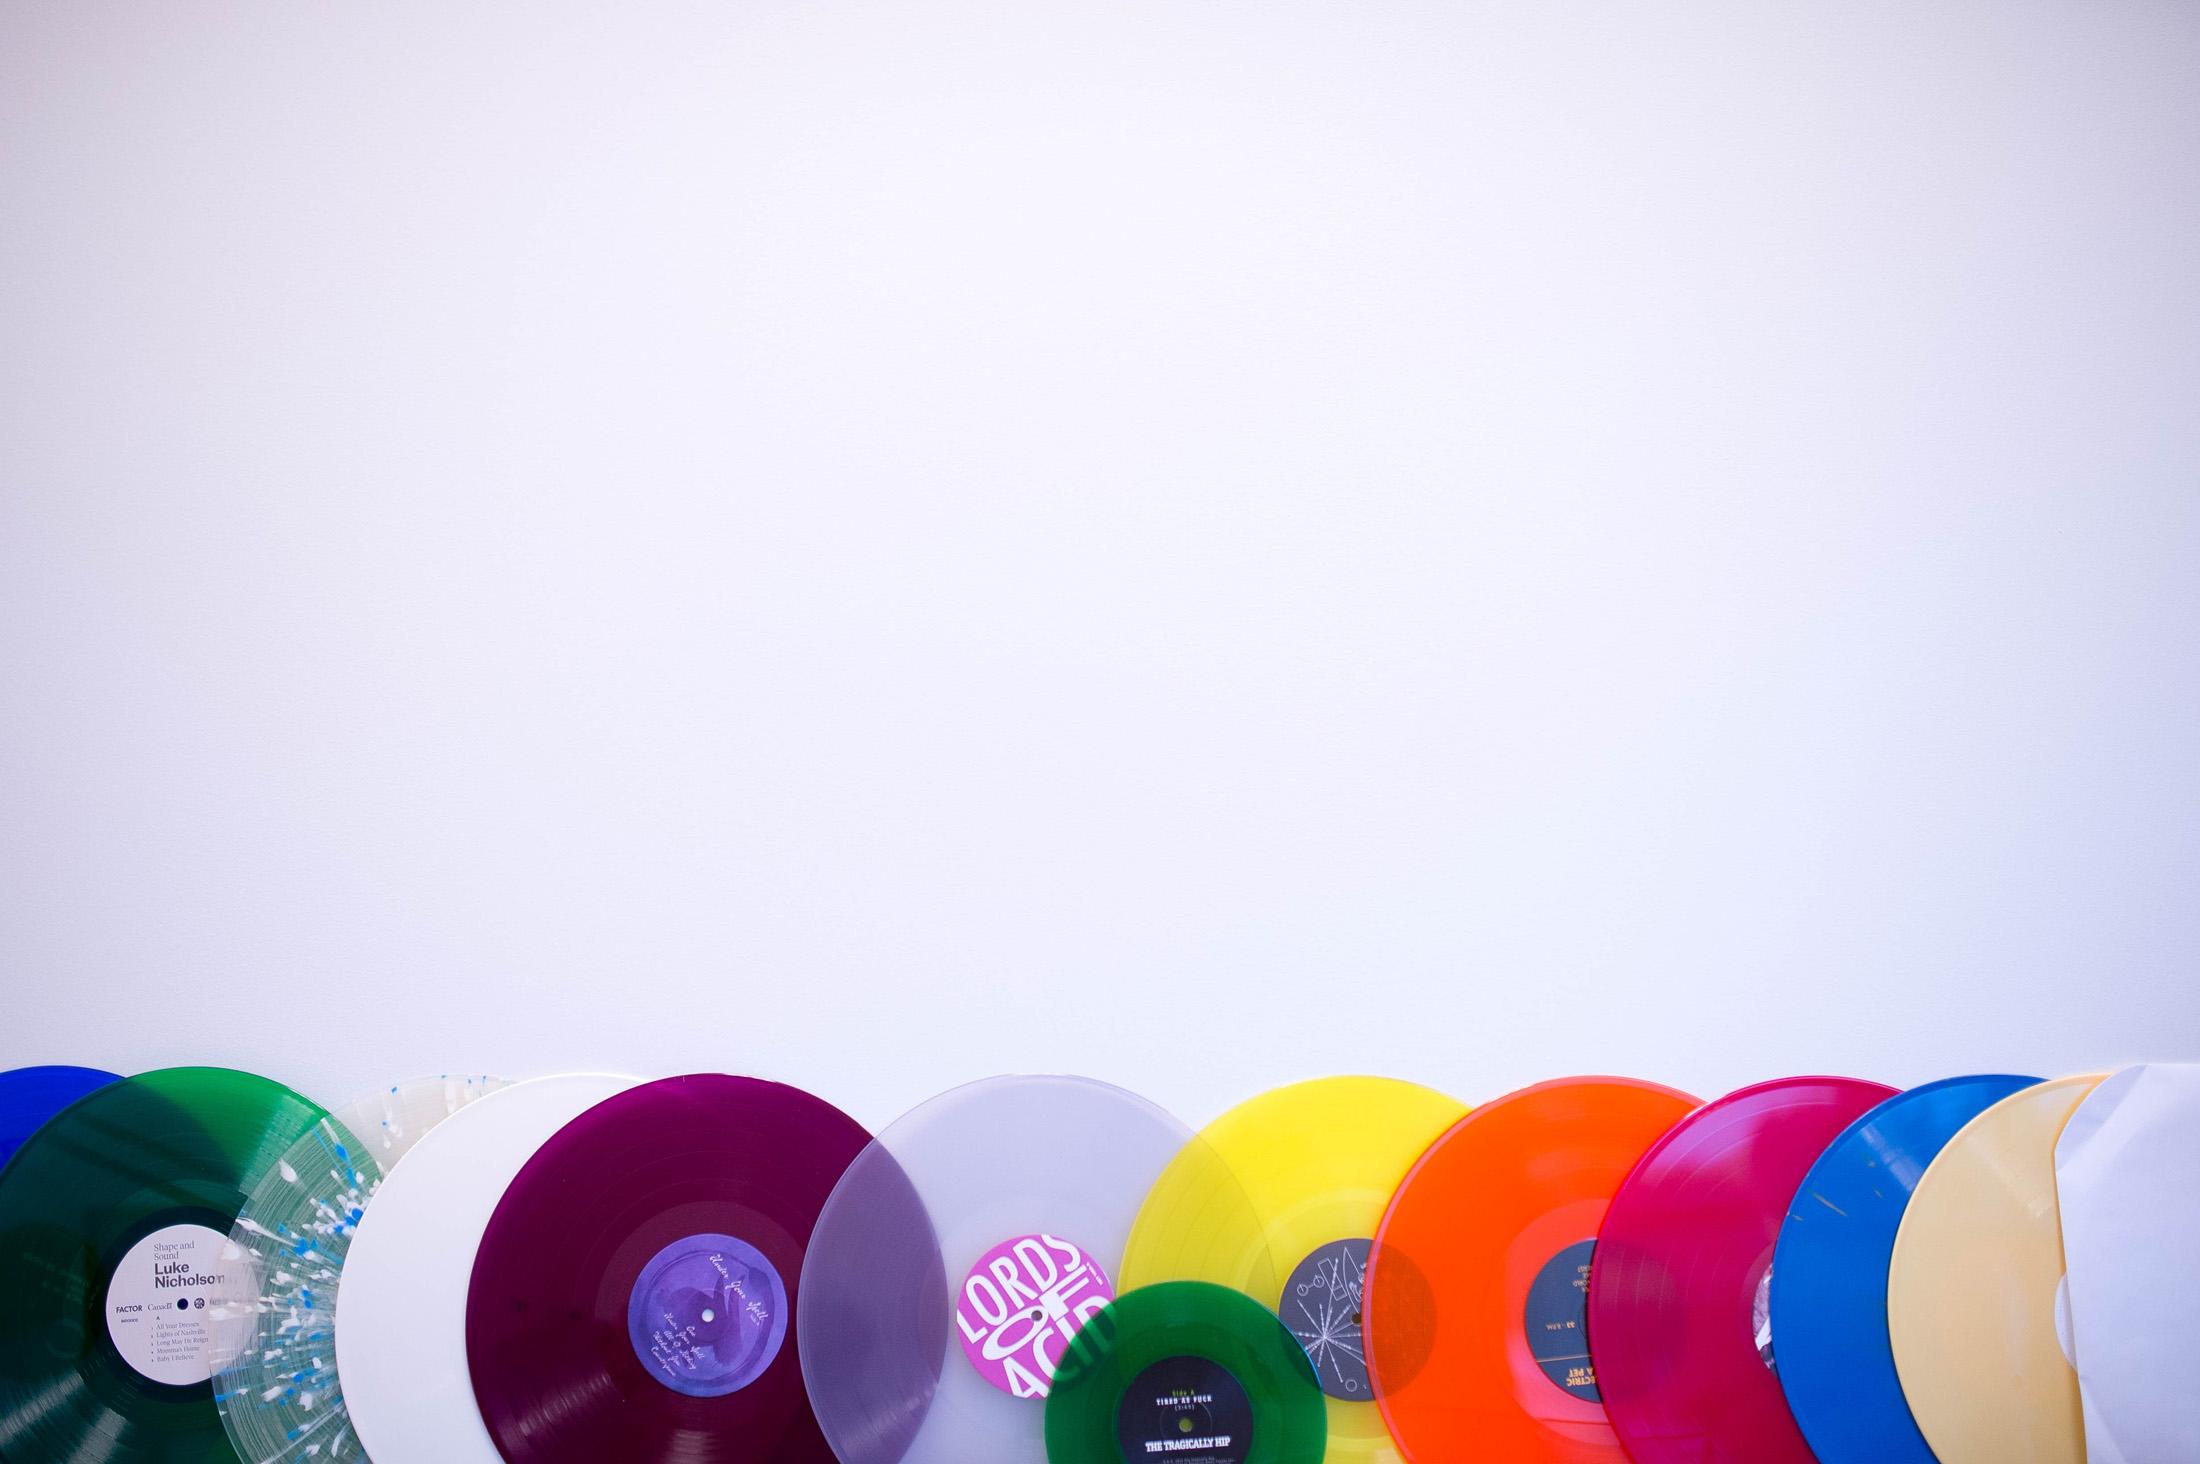 Rất Nhiều Đĩa Than Được Tập Kết Vào Phòng Kiểm Định Audio Tại Precision Record Pressing.    Photographer: James MacDonald/Bloomberg